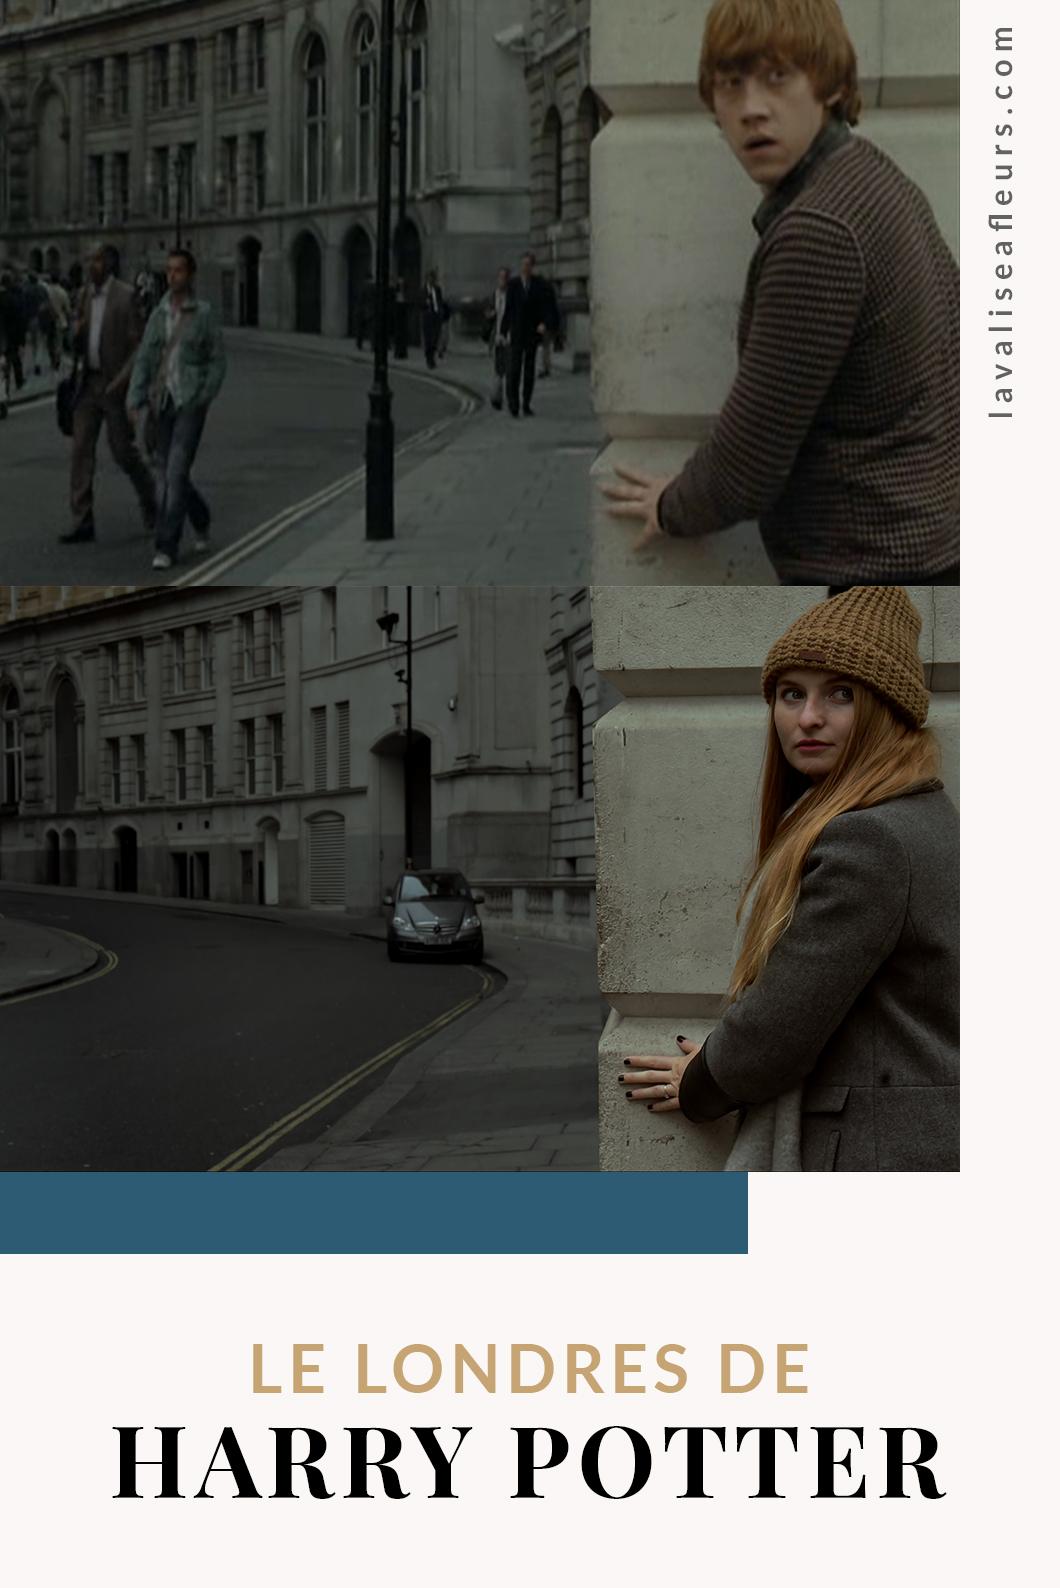 Le Londres de Harry Potter, les lieux de tournage du film